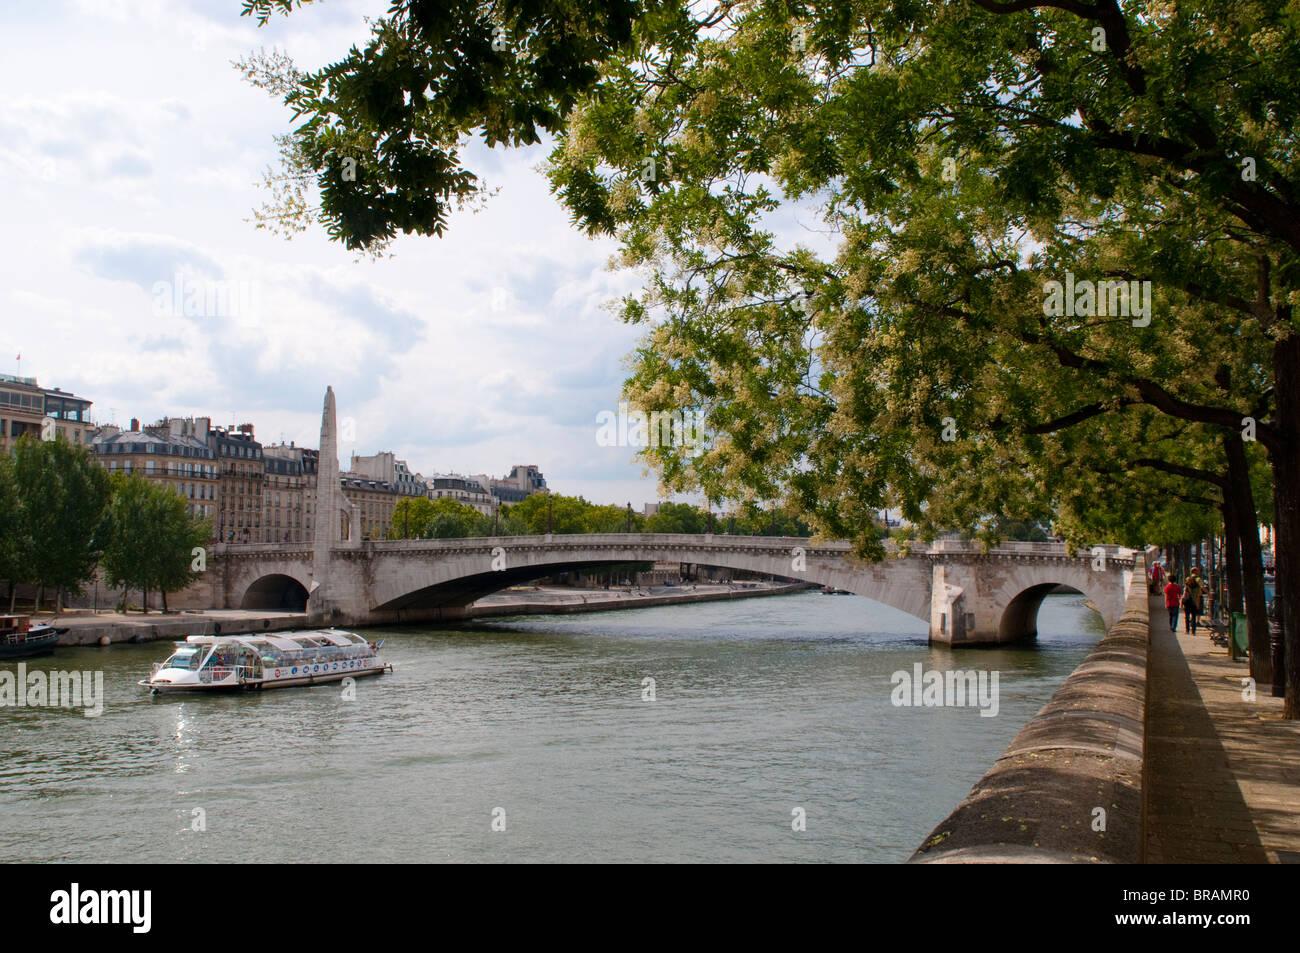 Quay on Ill St Louis and Pont de la Tournelle, Tournelle Bridge, Paris, France - Stock Image